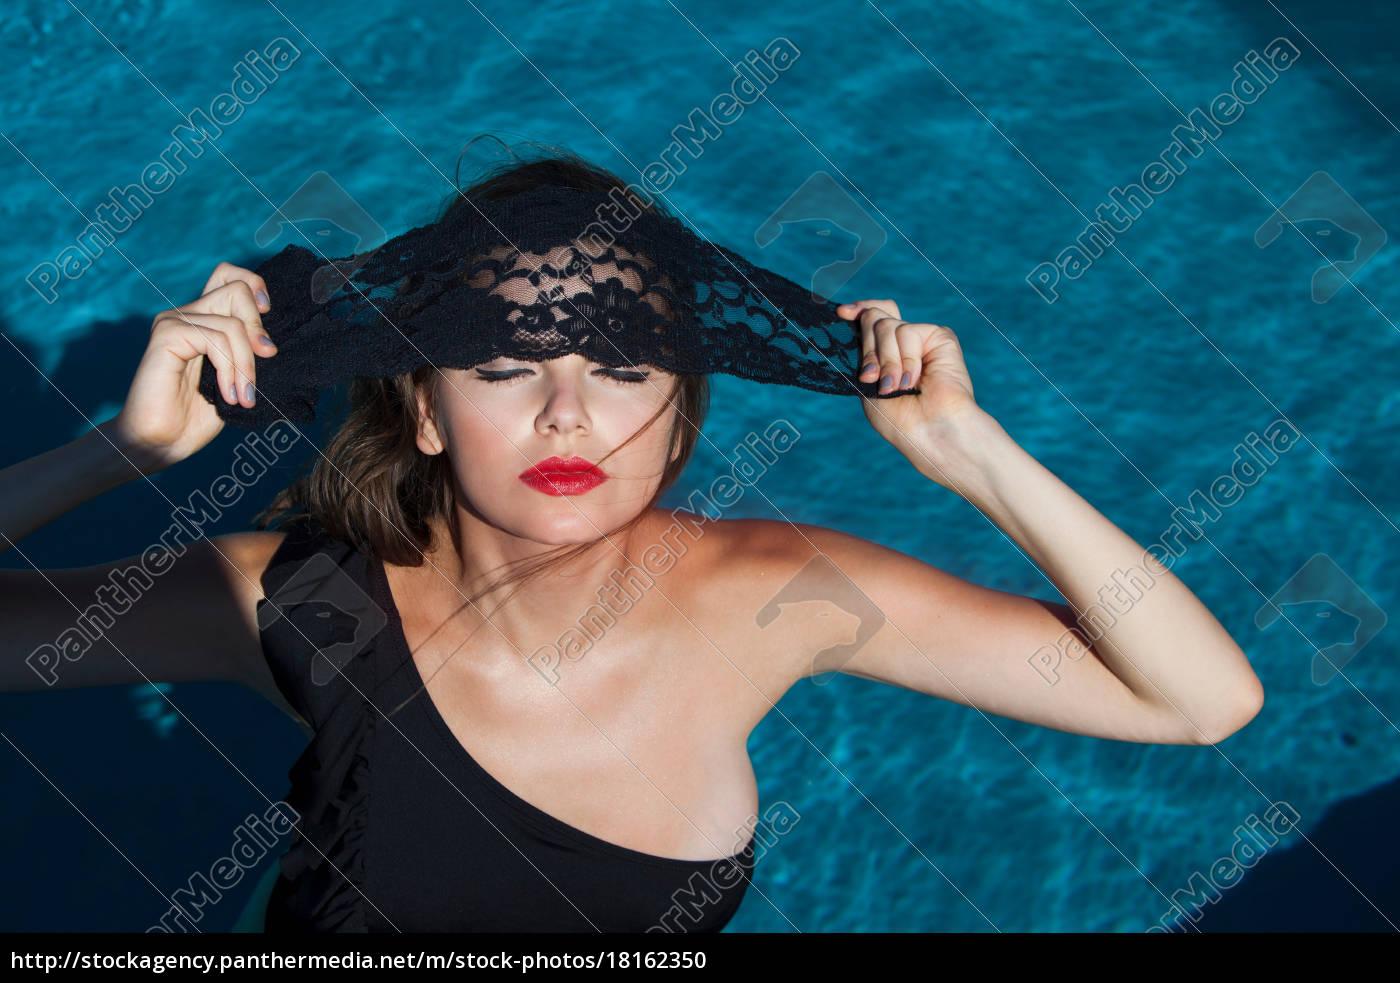 frau, posiert, am, schwimmbad - 18162350